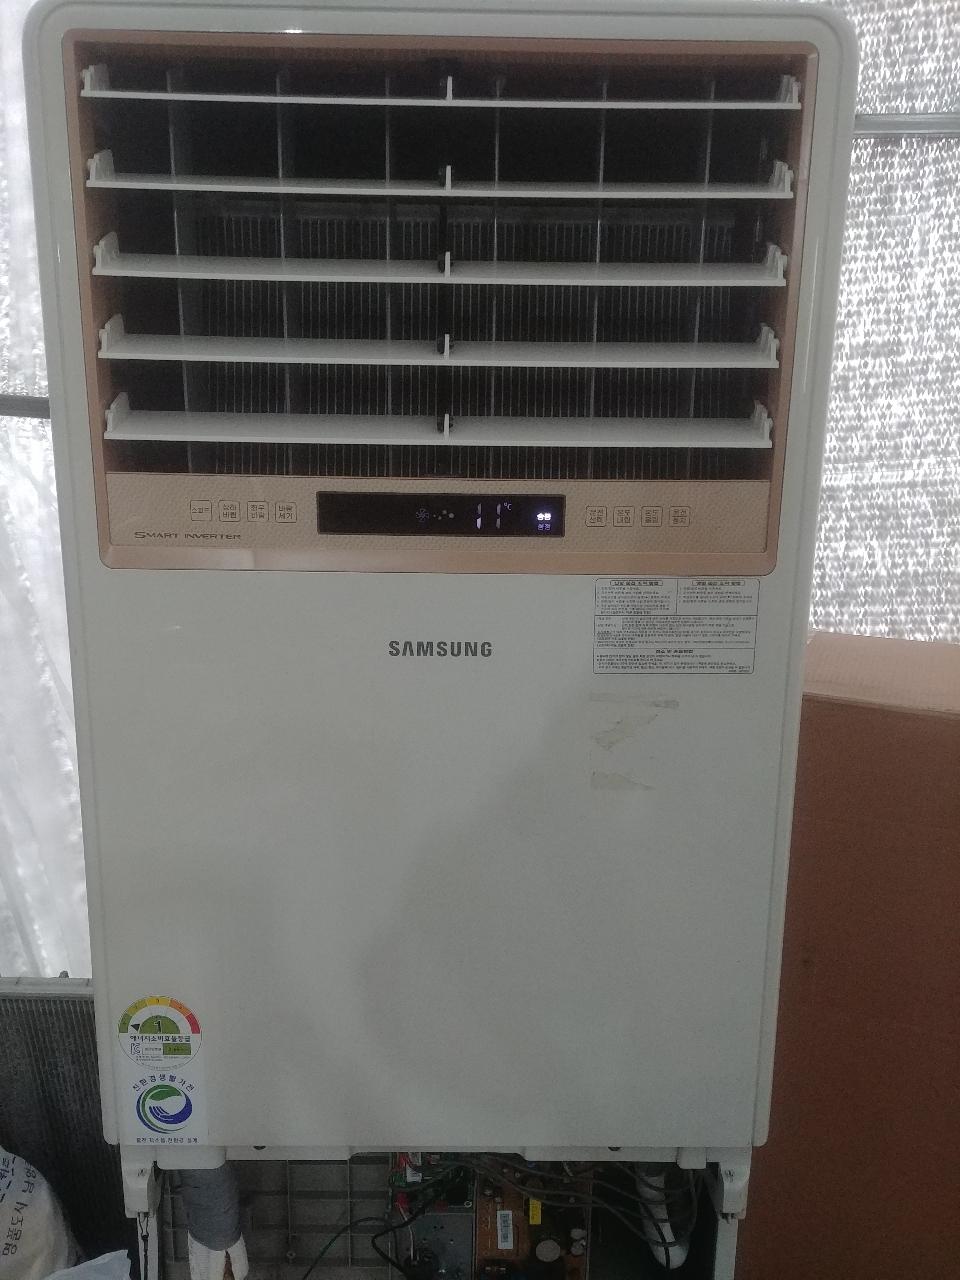 30평 냉난방기 판매